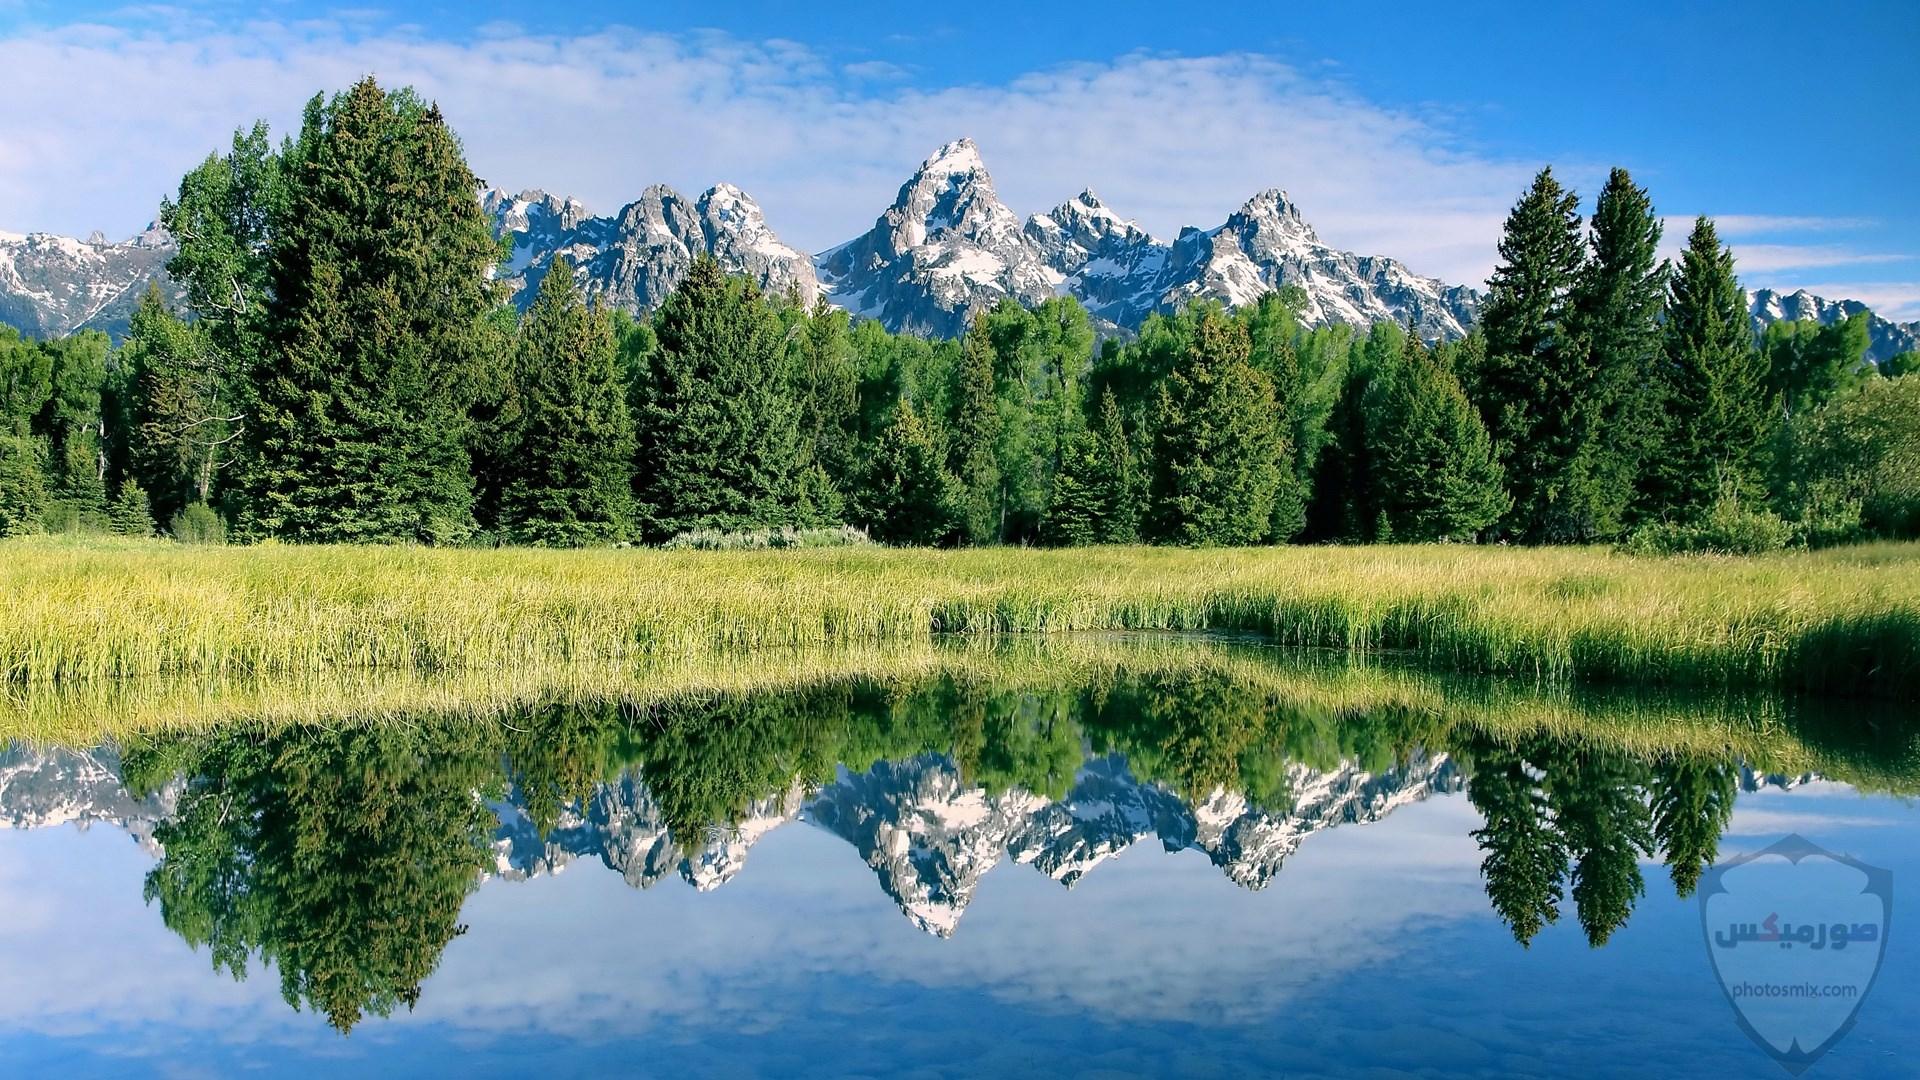 صور وخلفيات جبال وشلالات طبيعية HD خلفيات جبال خضراء وثلجية 2